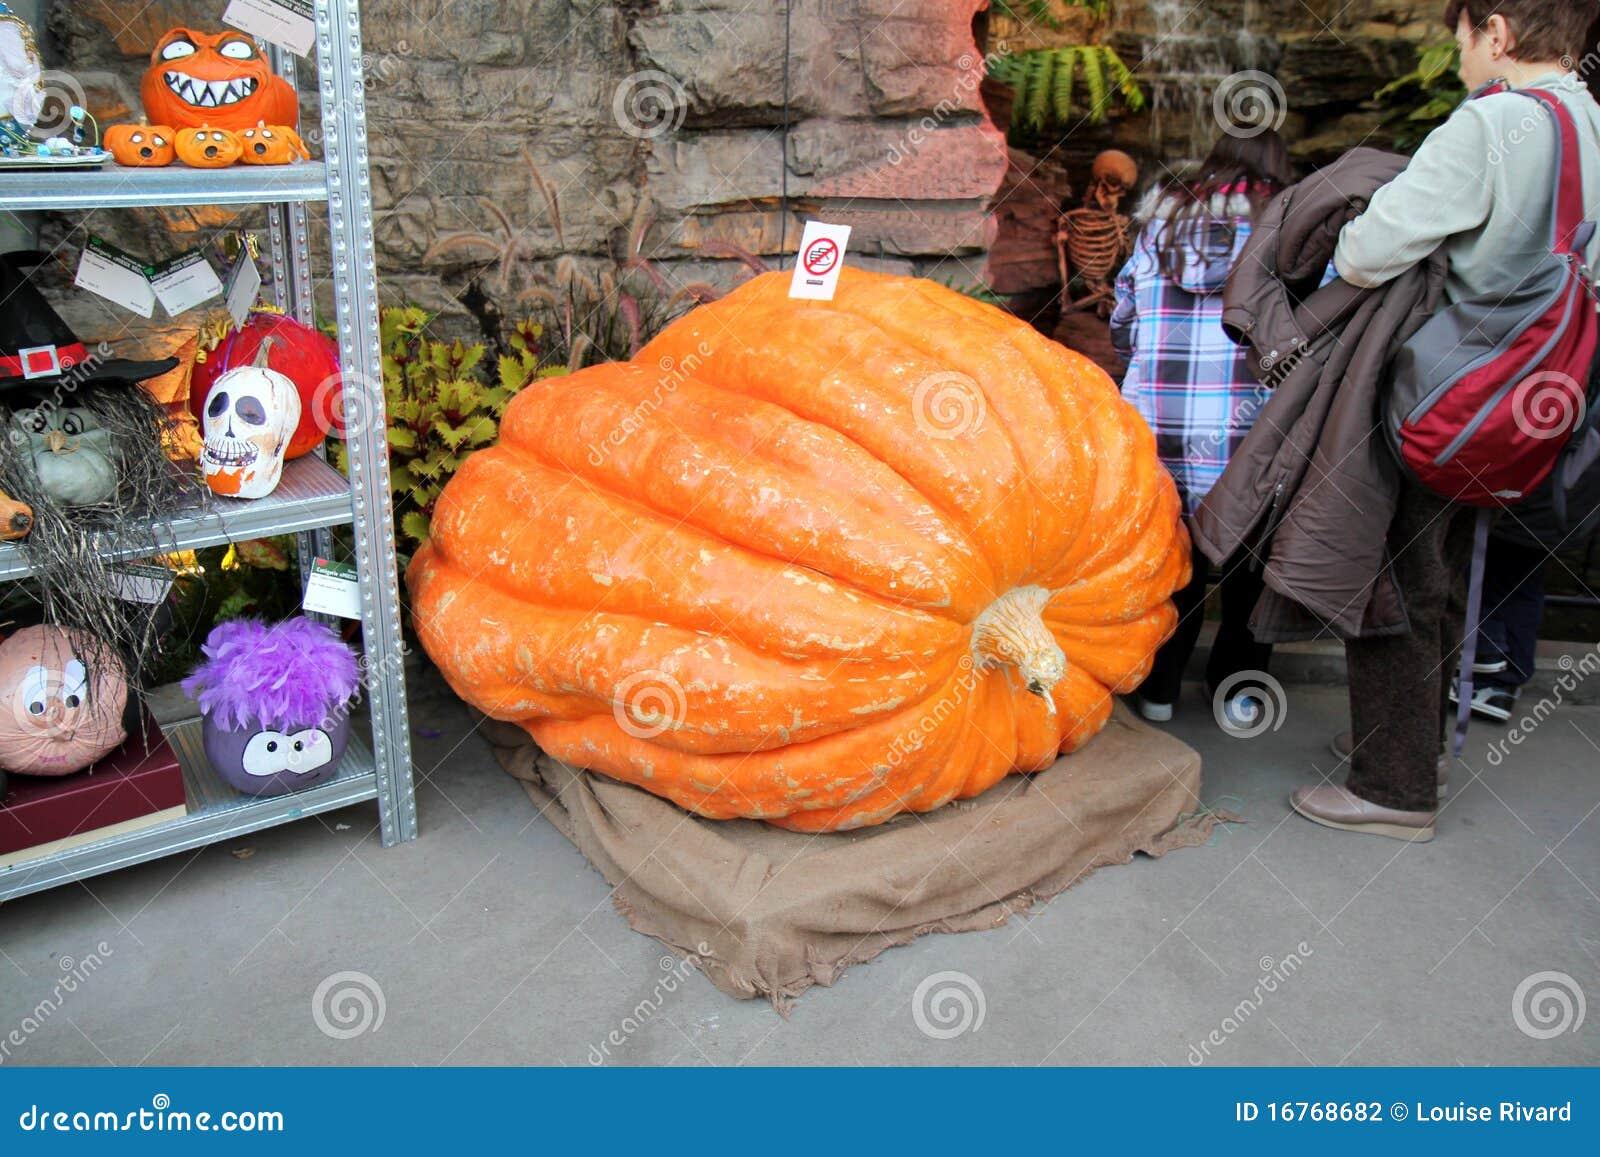 Big pumpkin!